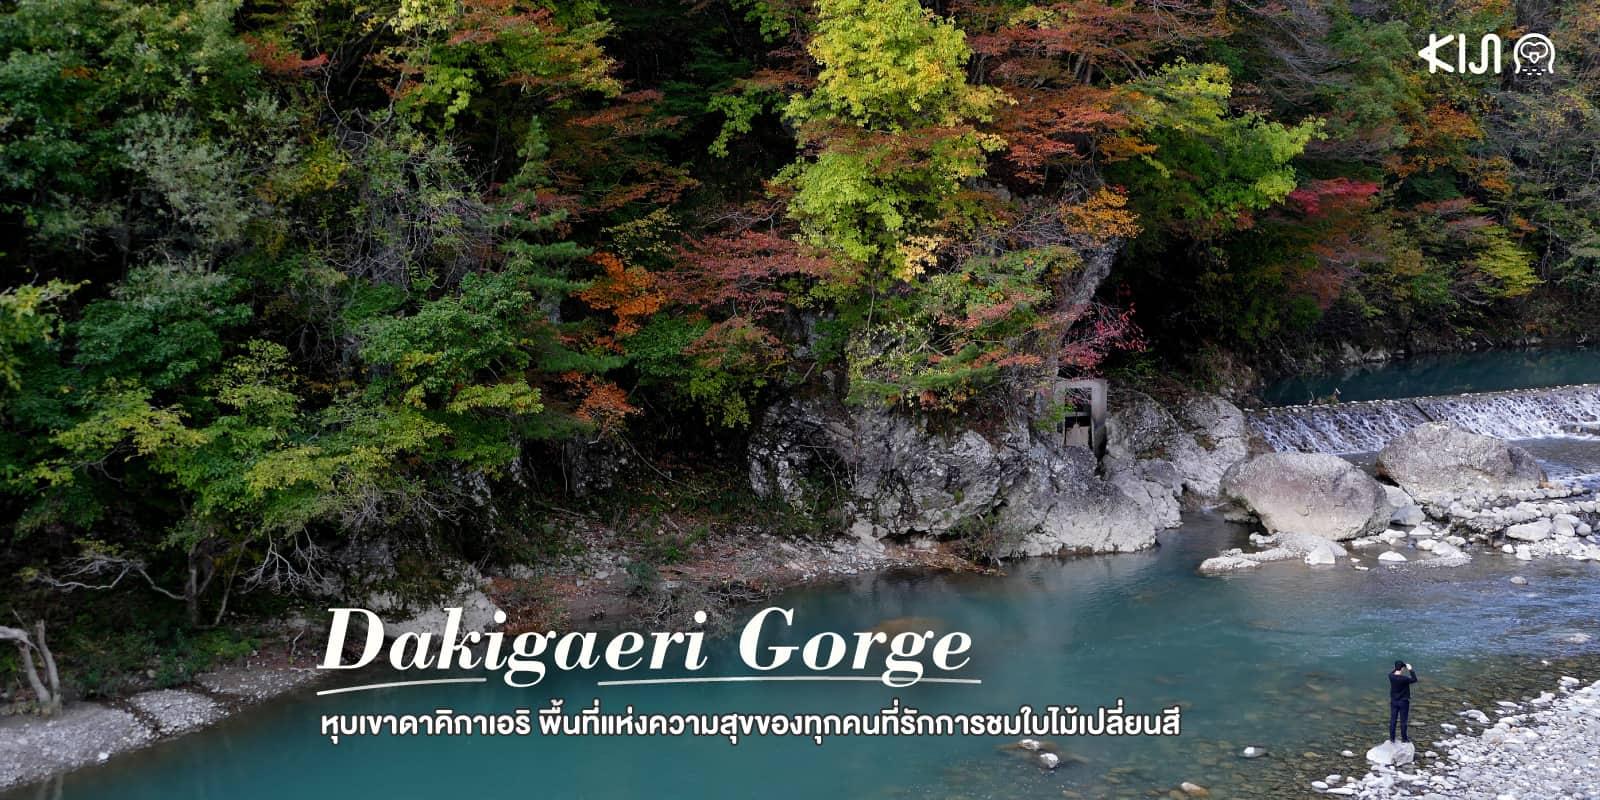 ที่เที่ยวอาคิตะ - หุบเขาดาคิกาเอริ (Dakigaeri Gorge)